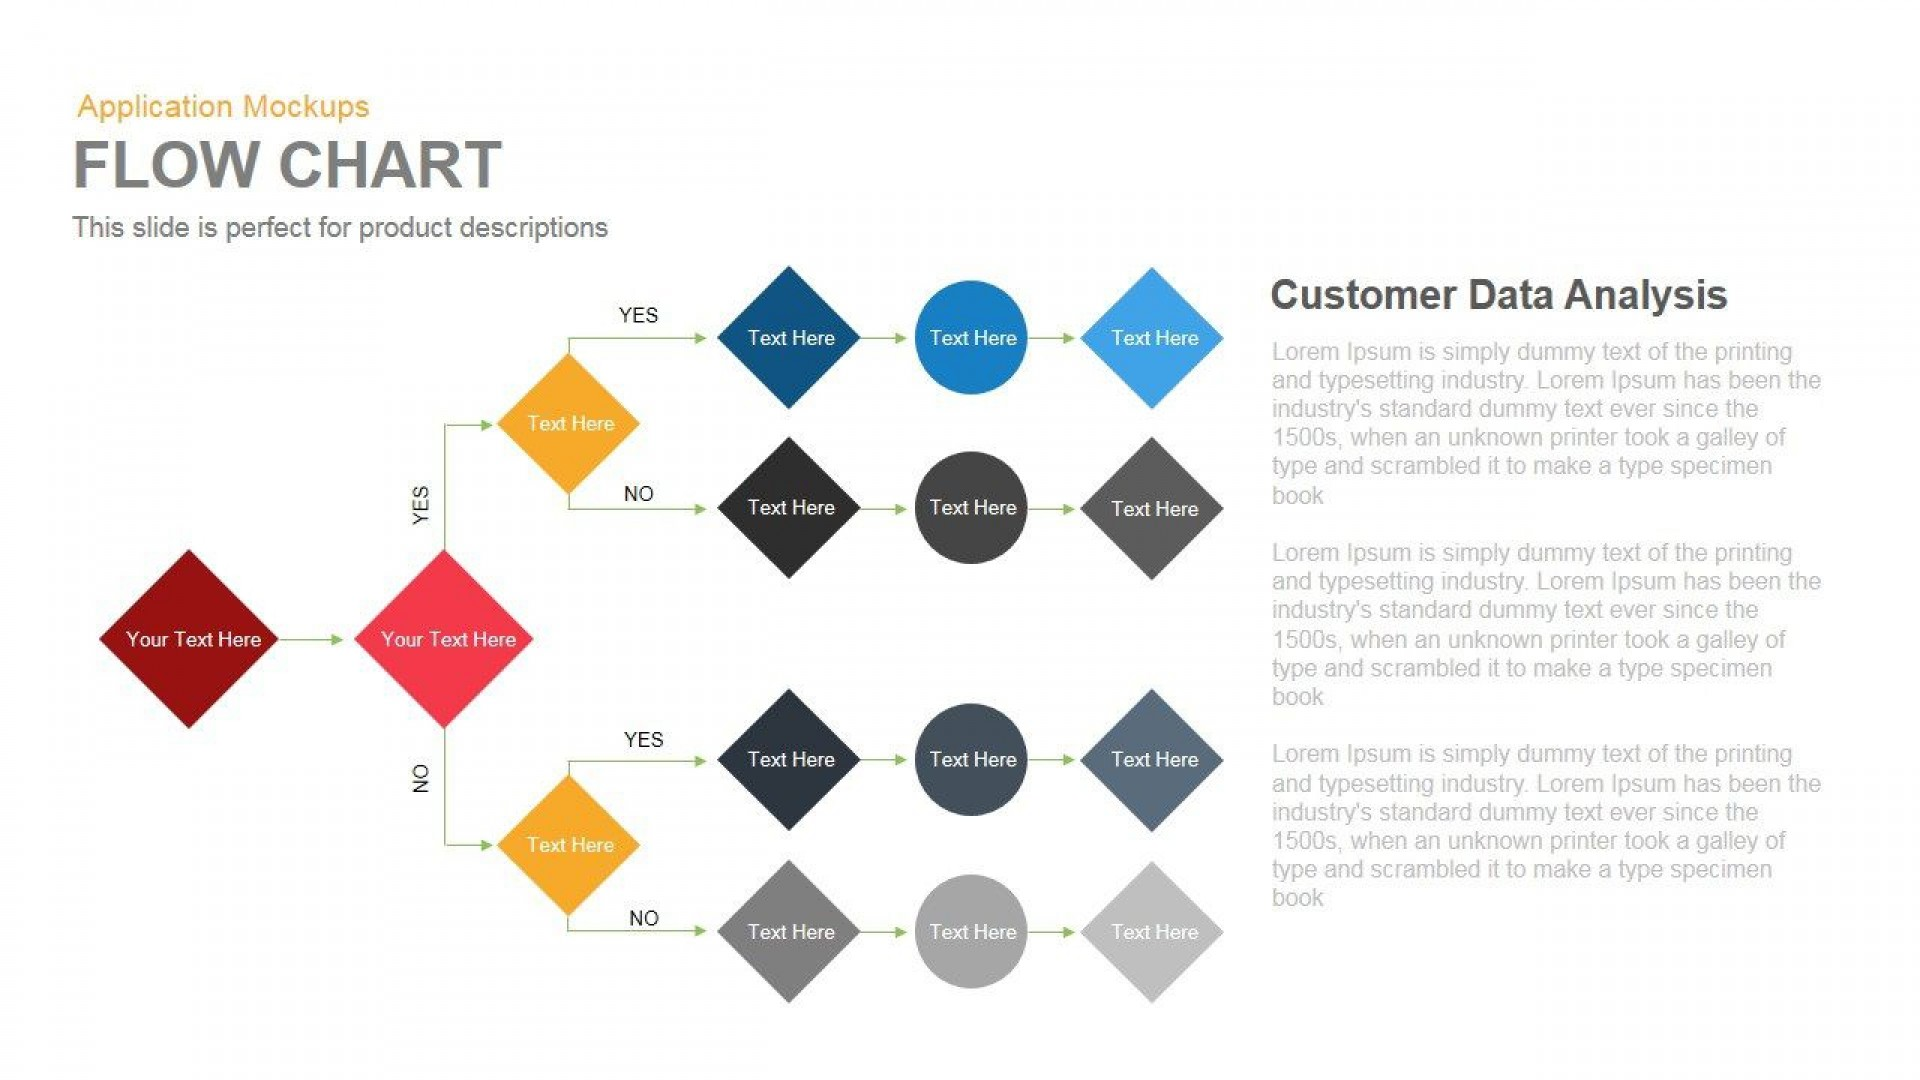 003 Surprising Ppt Flow Chart Template Design  Powerpoint Flowchart Smartart1920